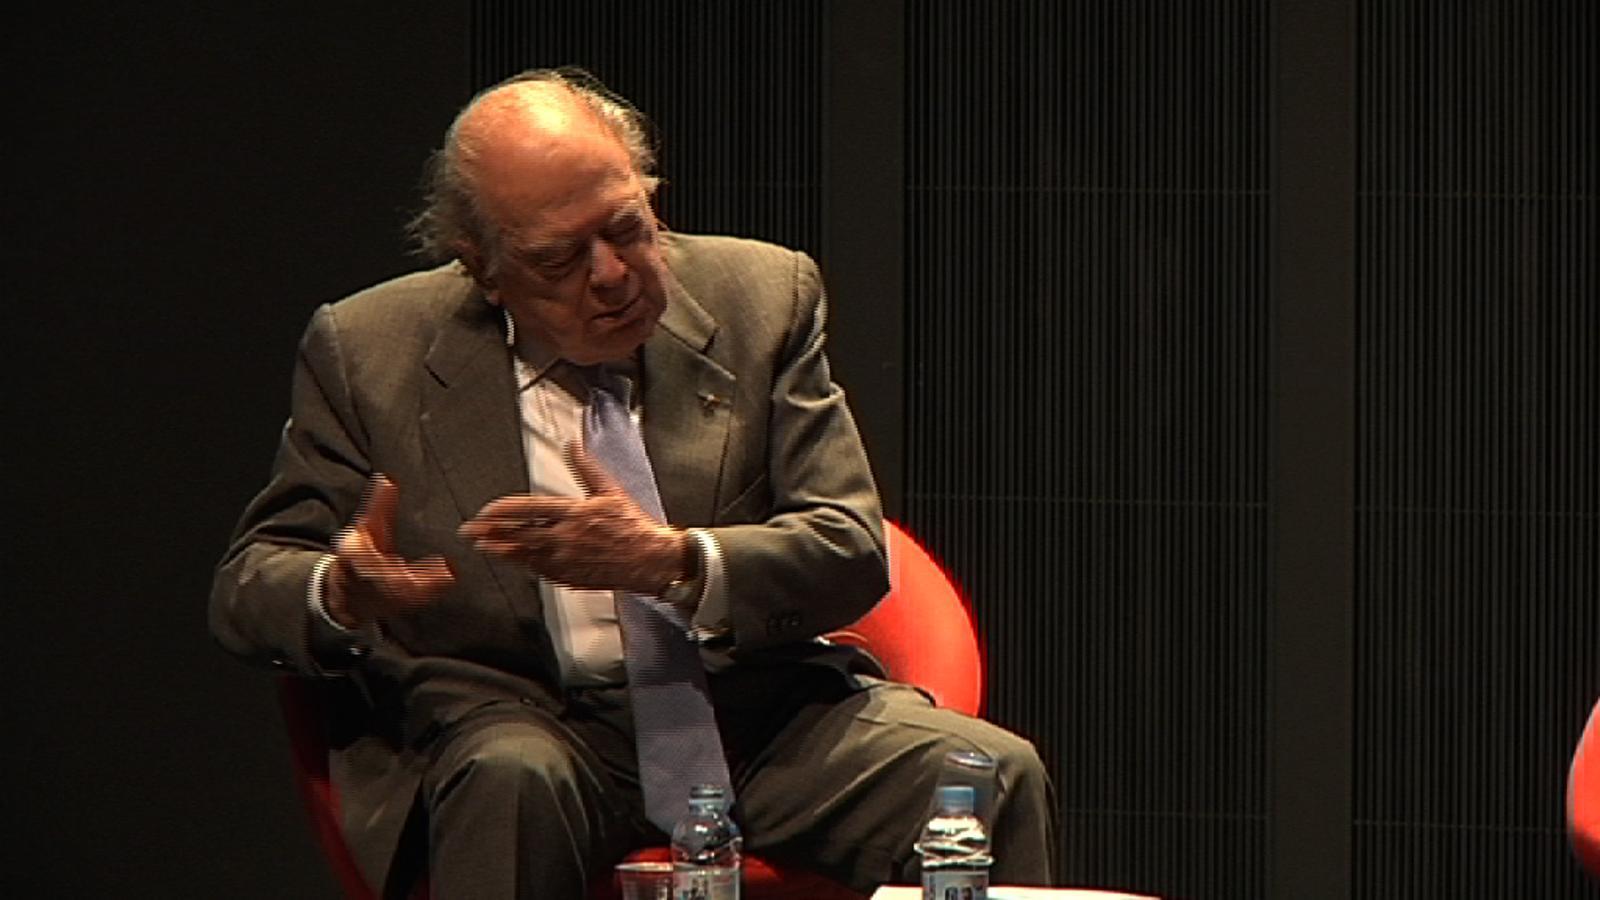 Jordi Pujol: Hem d'actuar amb mentalitat independent, fer com si fóssim independents